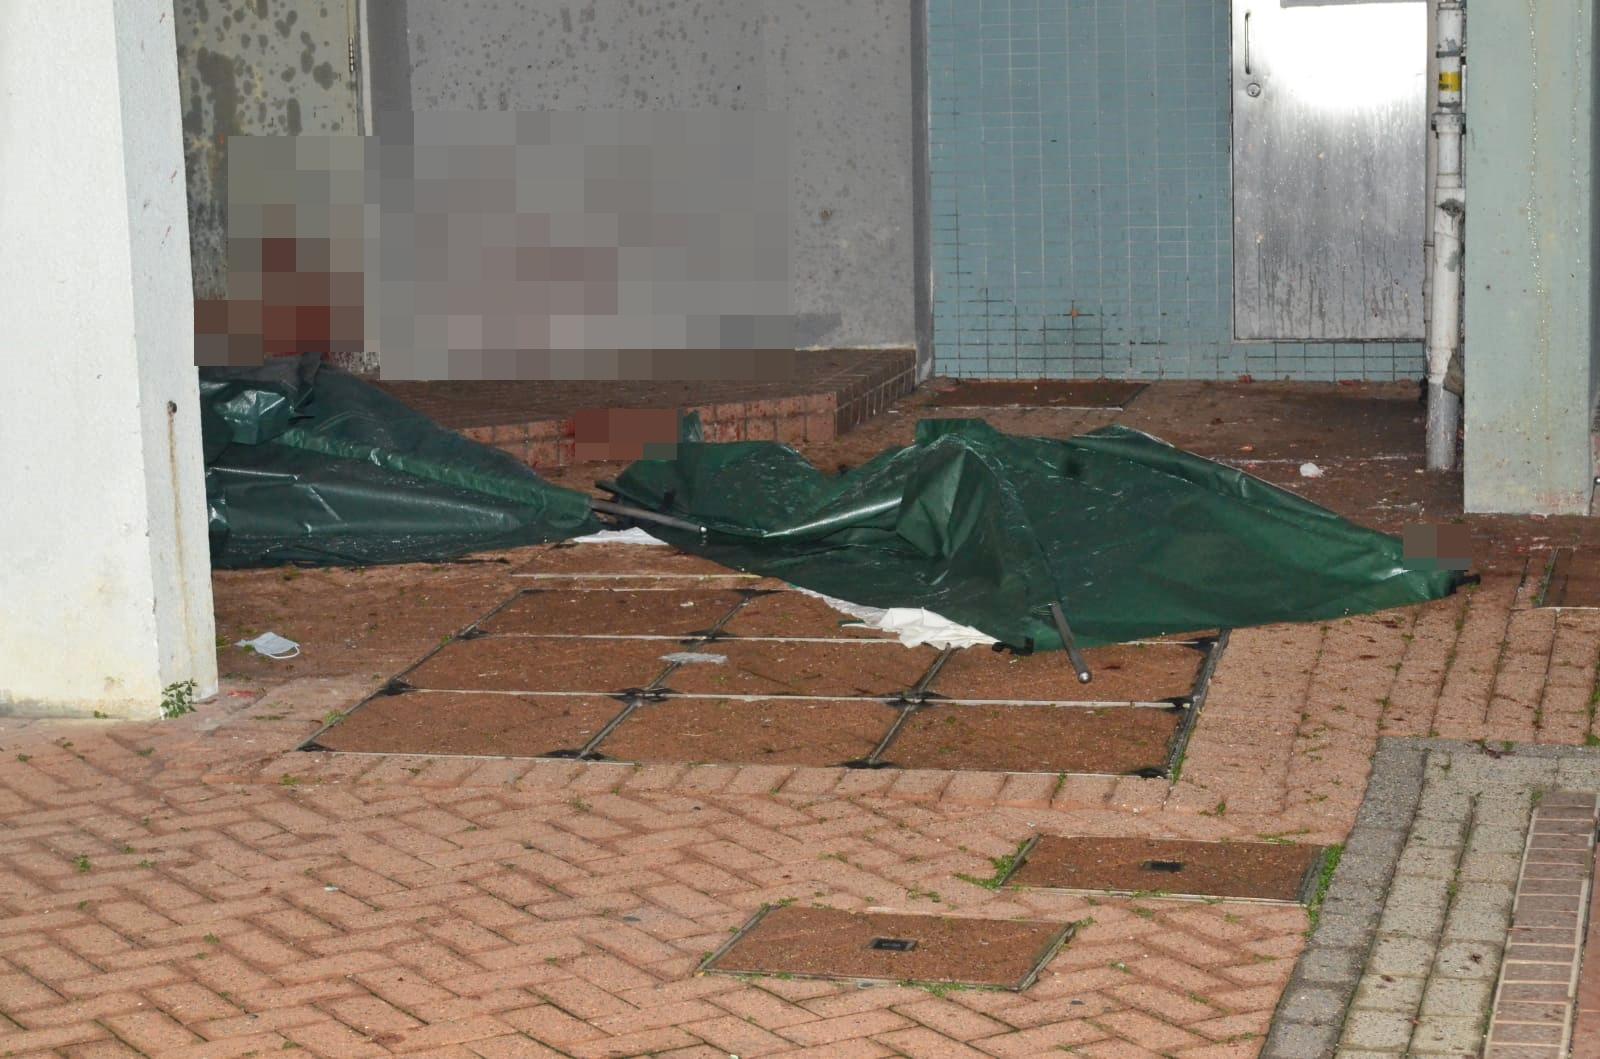 警員以帳篷遮蓋死者遺體。